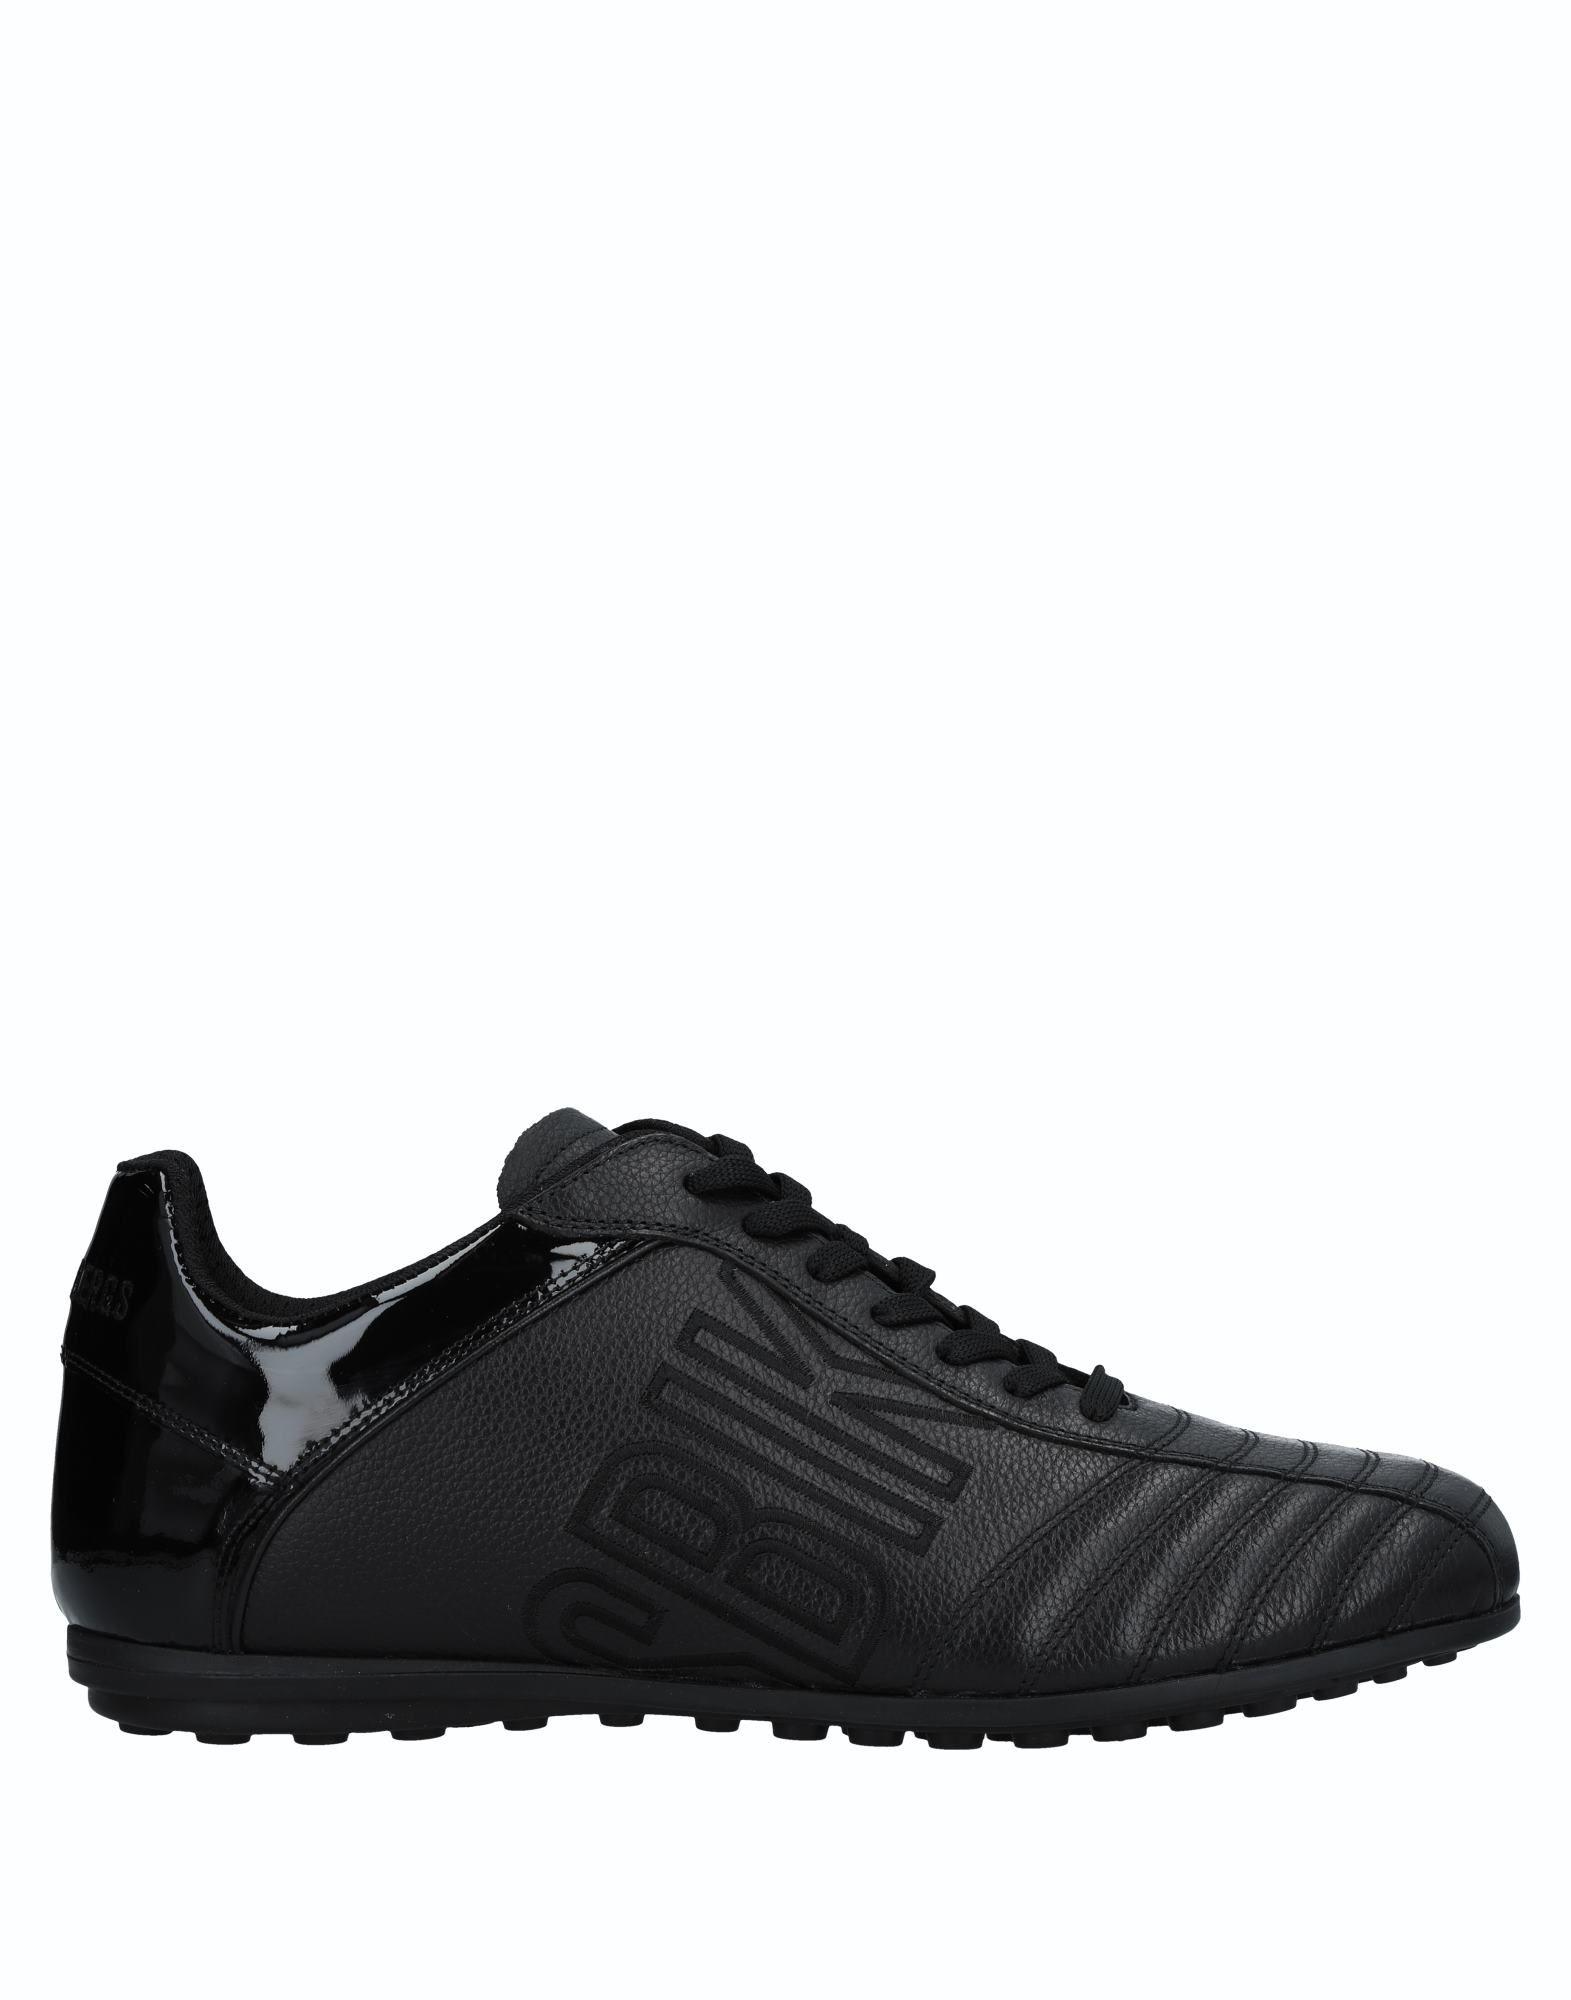 Bikkembergs Sneakers Herren  11521956DM Gute Qualität beliebte Schuhe